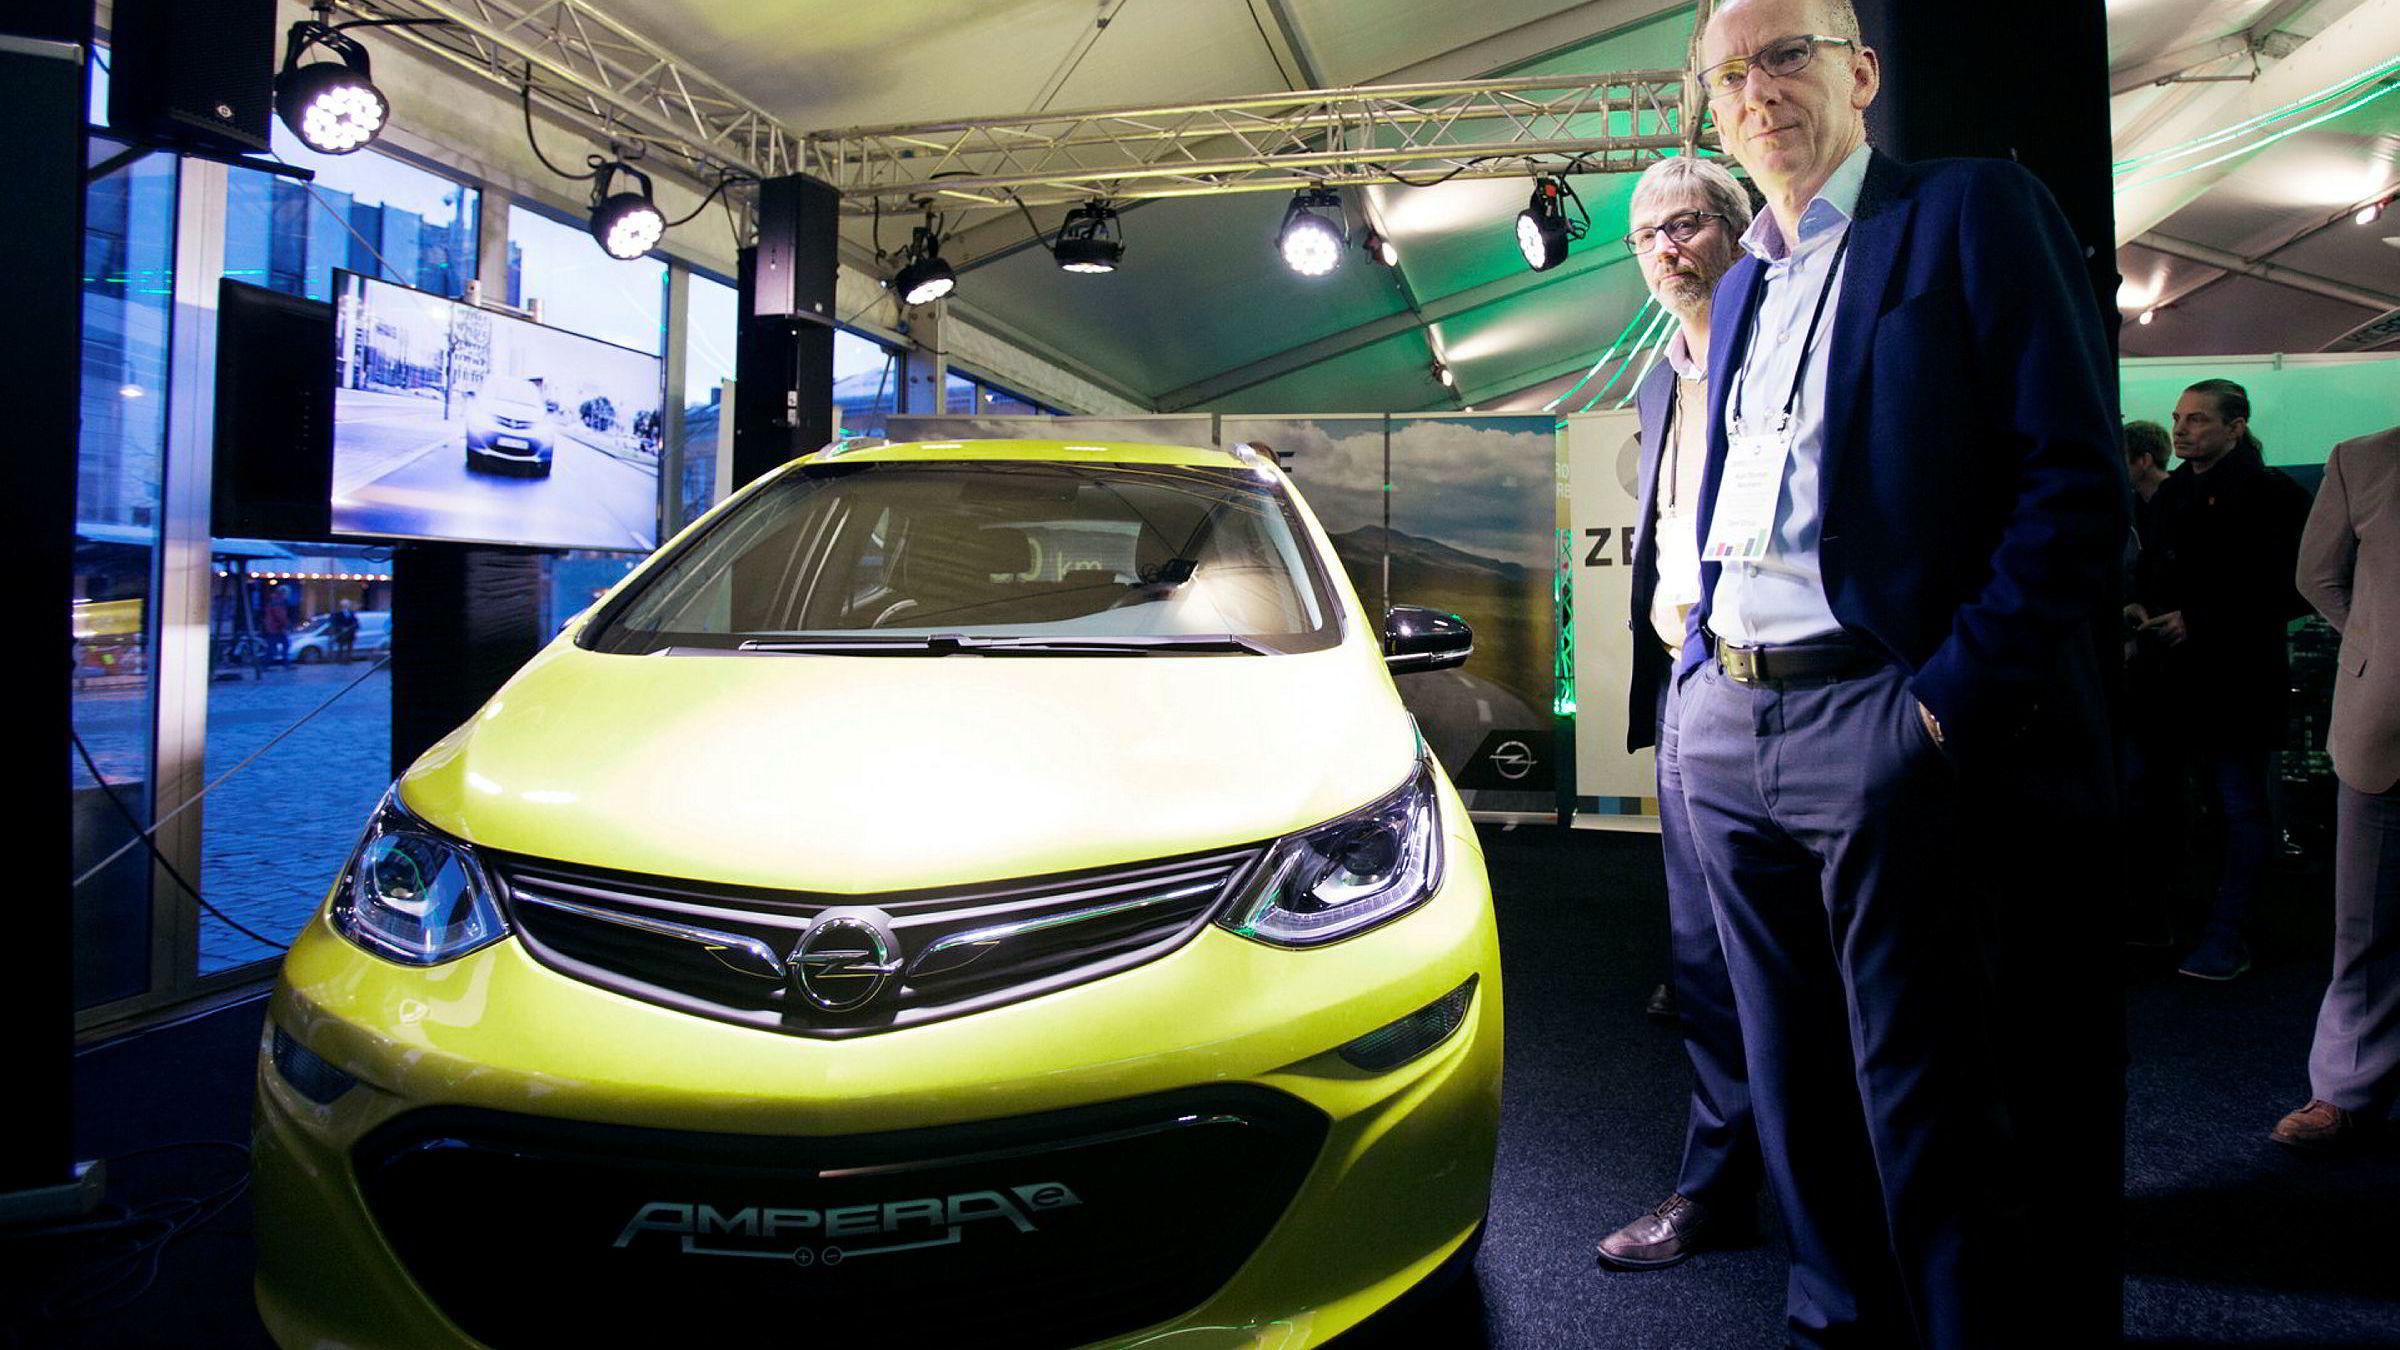 Opels toppsjef Karl-Thomas Neumann og Bernt G. Jessen, sjef i Opel Norge, presenterte Ampera-e, Opel nye elbil, under årets Zero-konferanse.